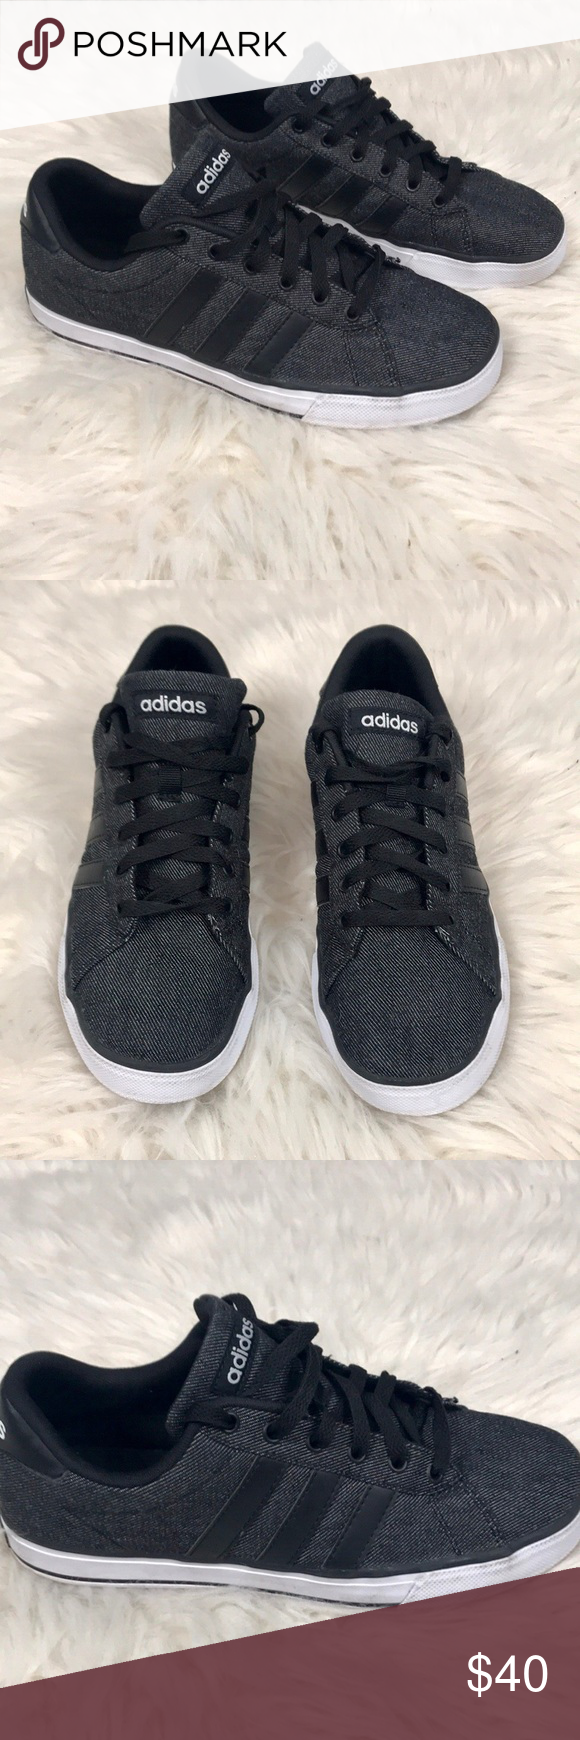 Gli uomini è adidas neo nero adidas, le adidas e scarpe da ginnastica